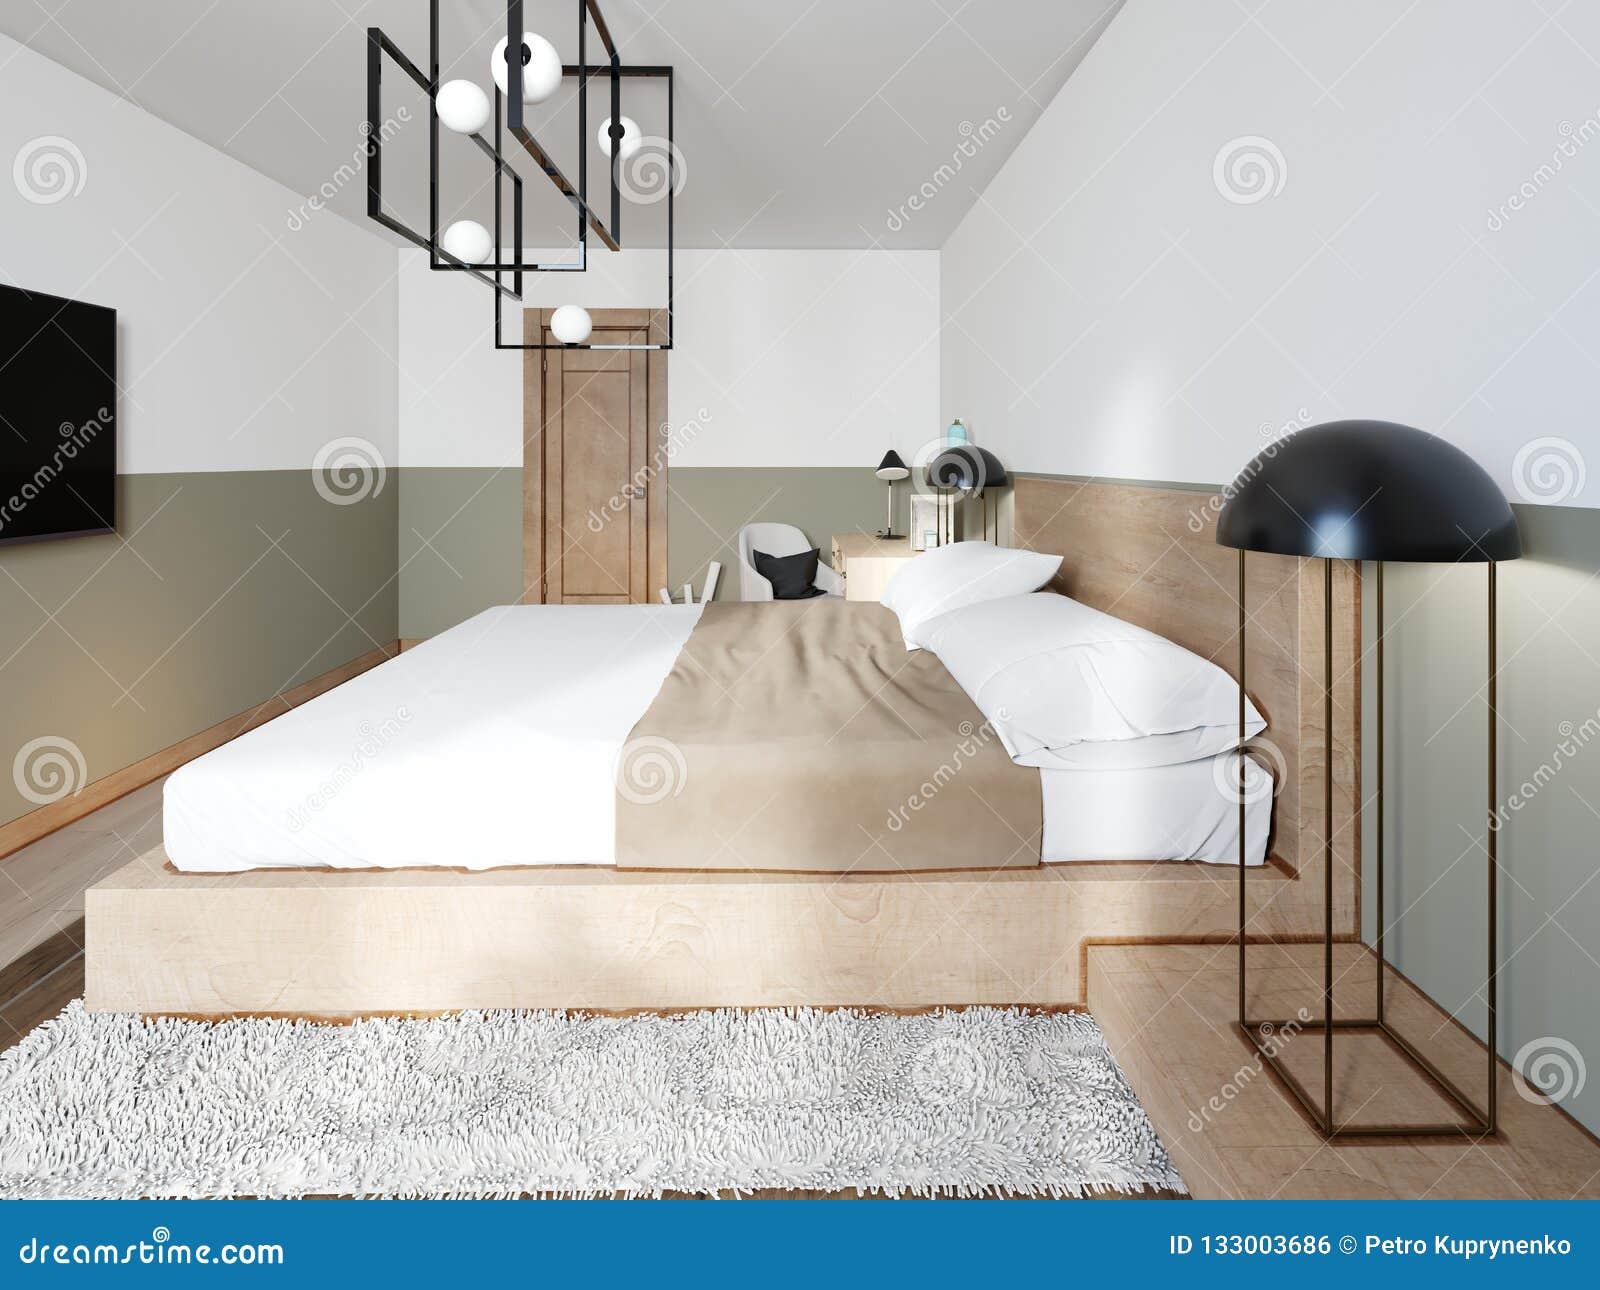 Un Lit En Bois Moderne Sur Une Passerelle En Bois à Deux étages Avec Lu0027 éclairage, Une Chambre à Coucher Dans Un Style De Grenier Rendu 3d